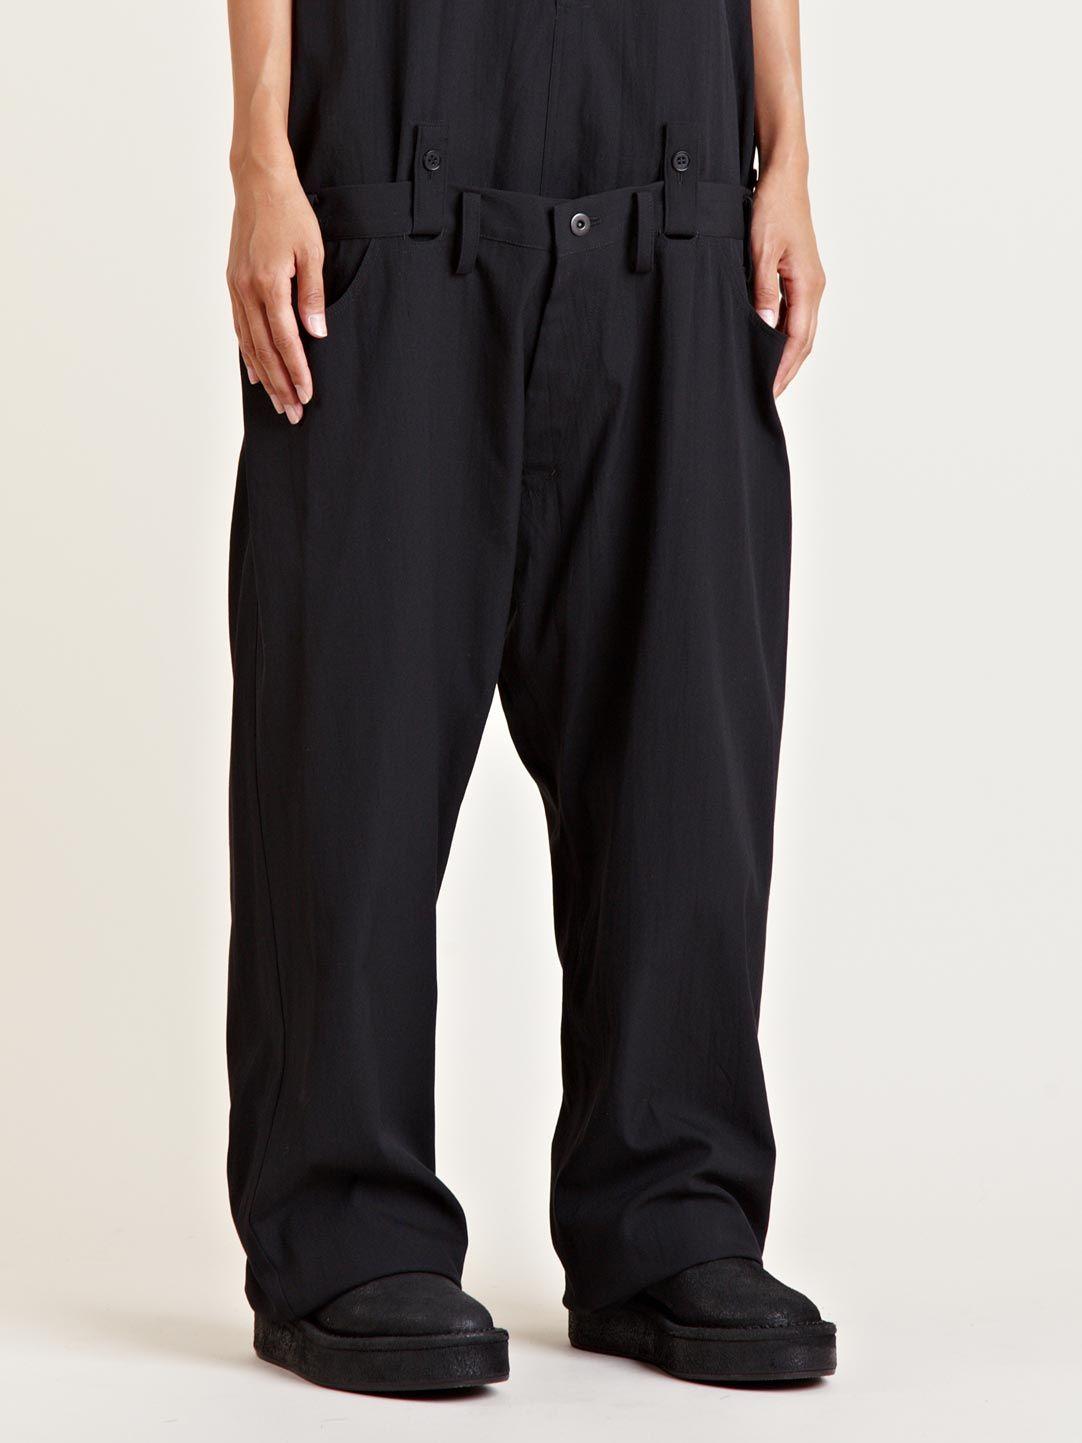 Yohji Yamamoto Women s Attach Pants  271799409